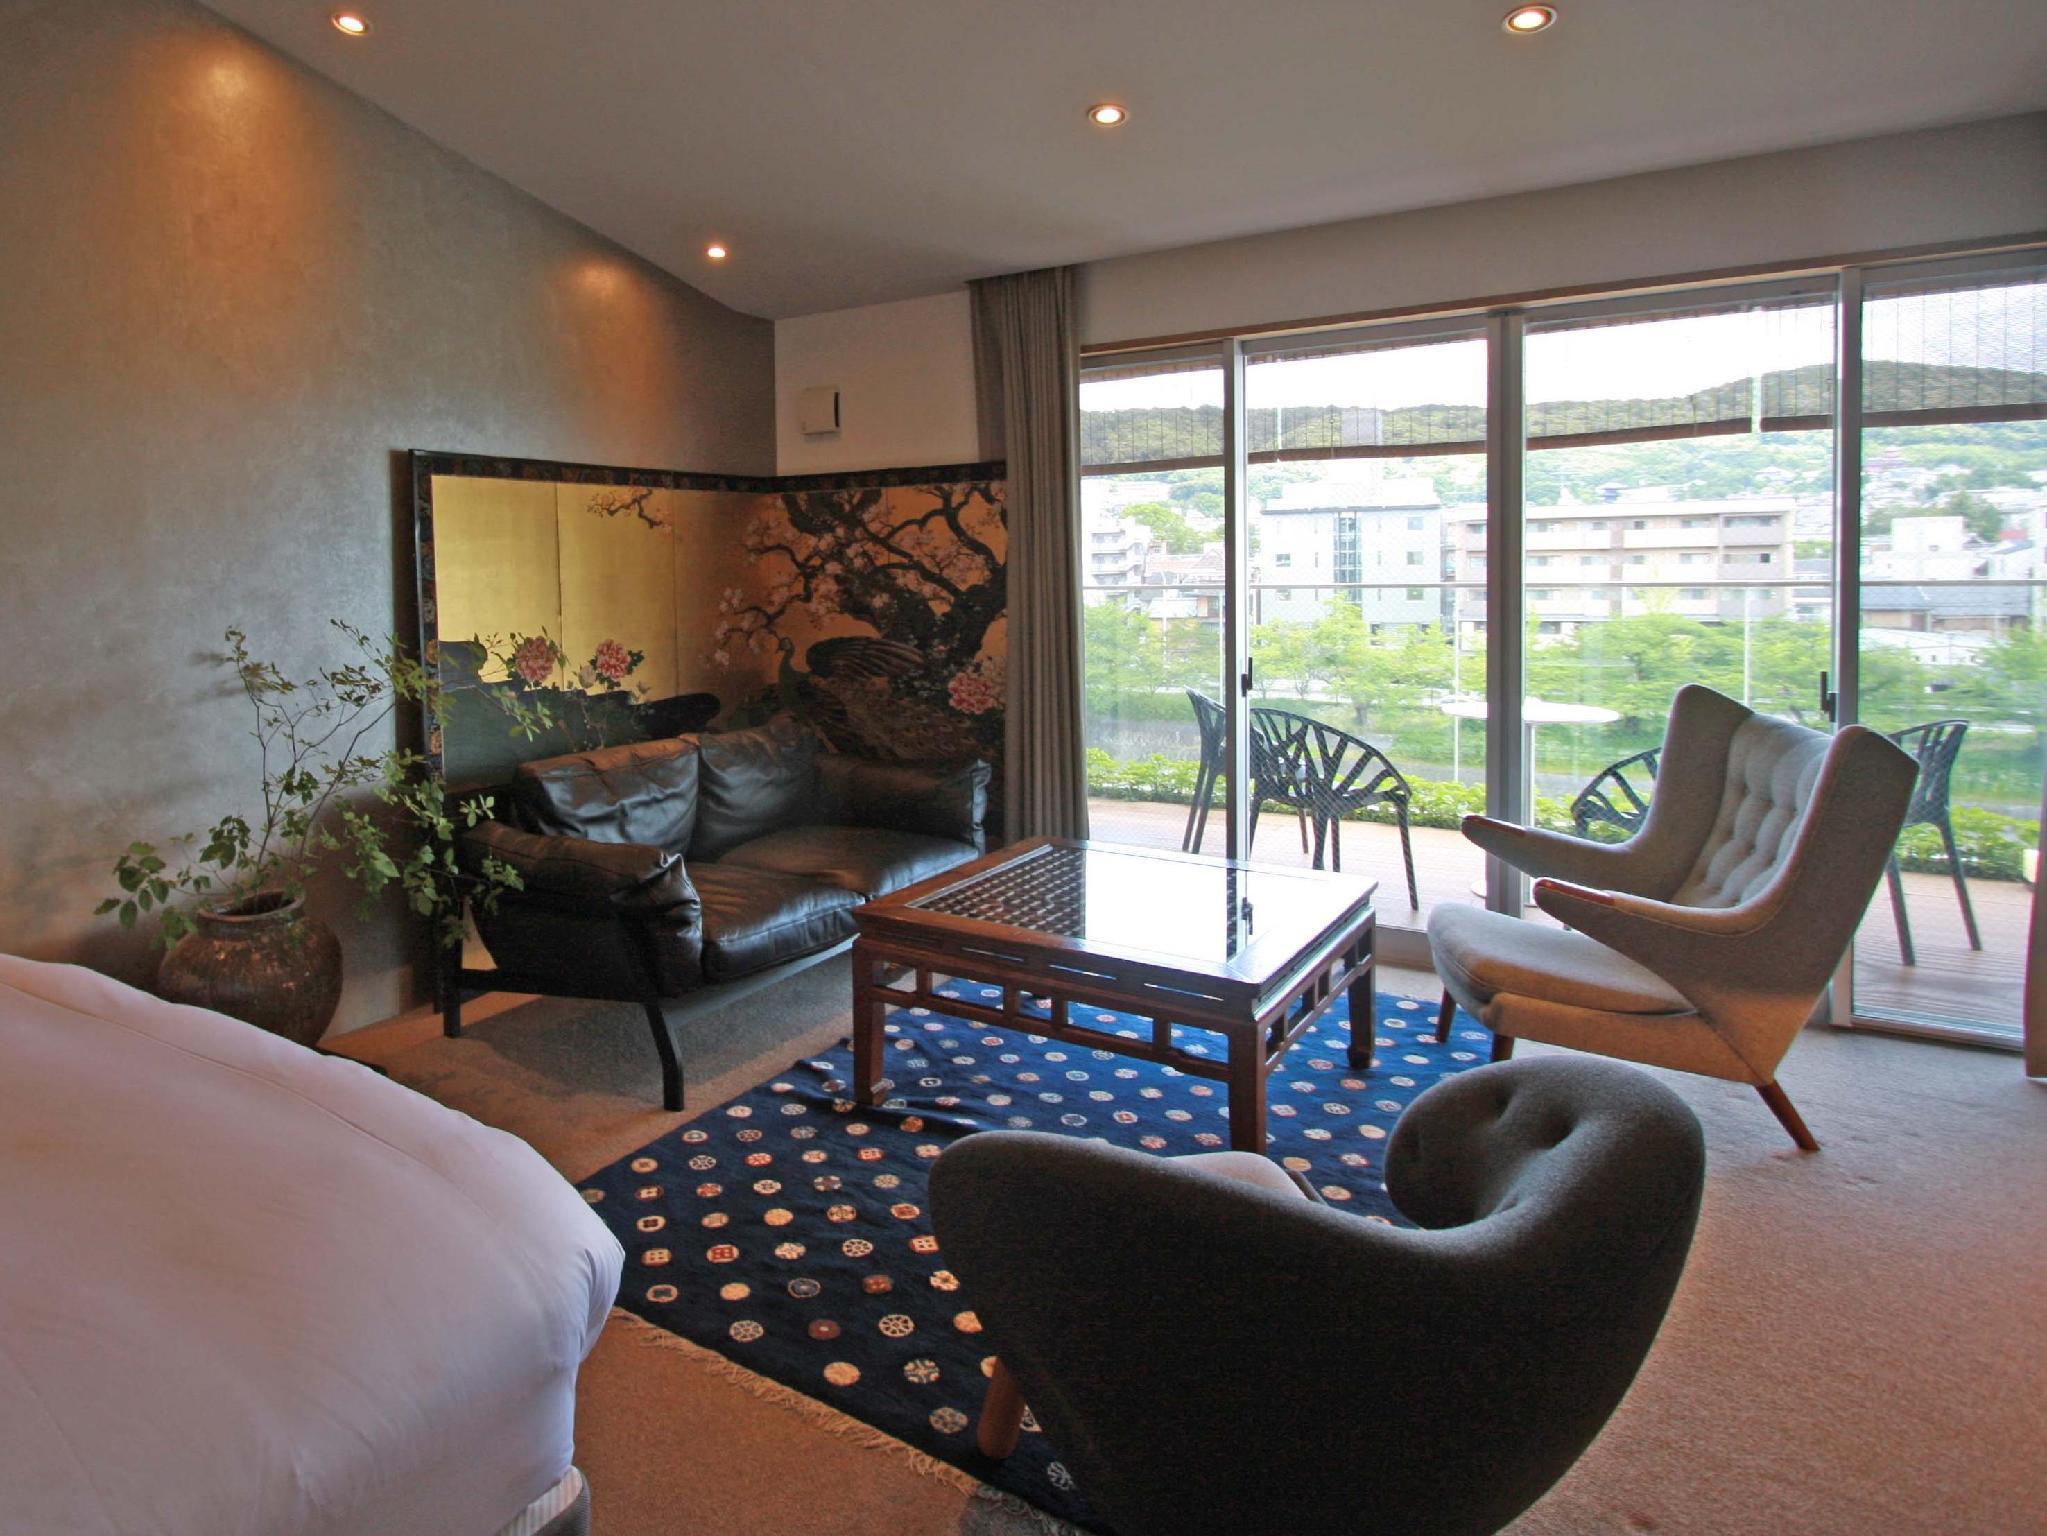 Aoi Hotel Kyoto - Luxury Apartment-